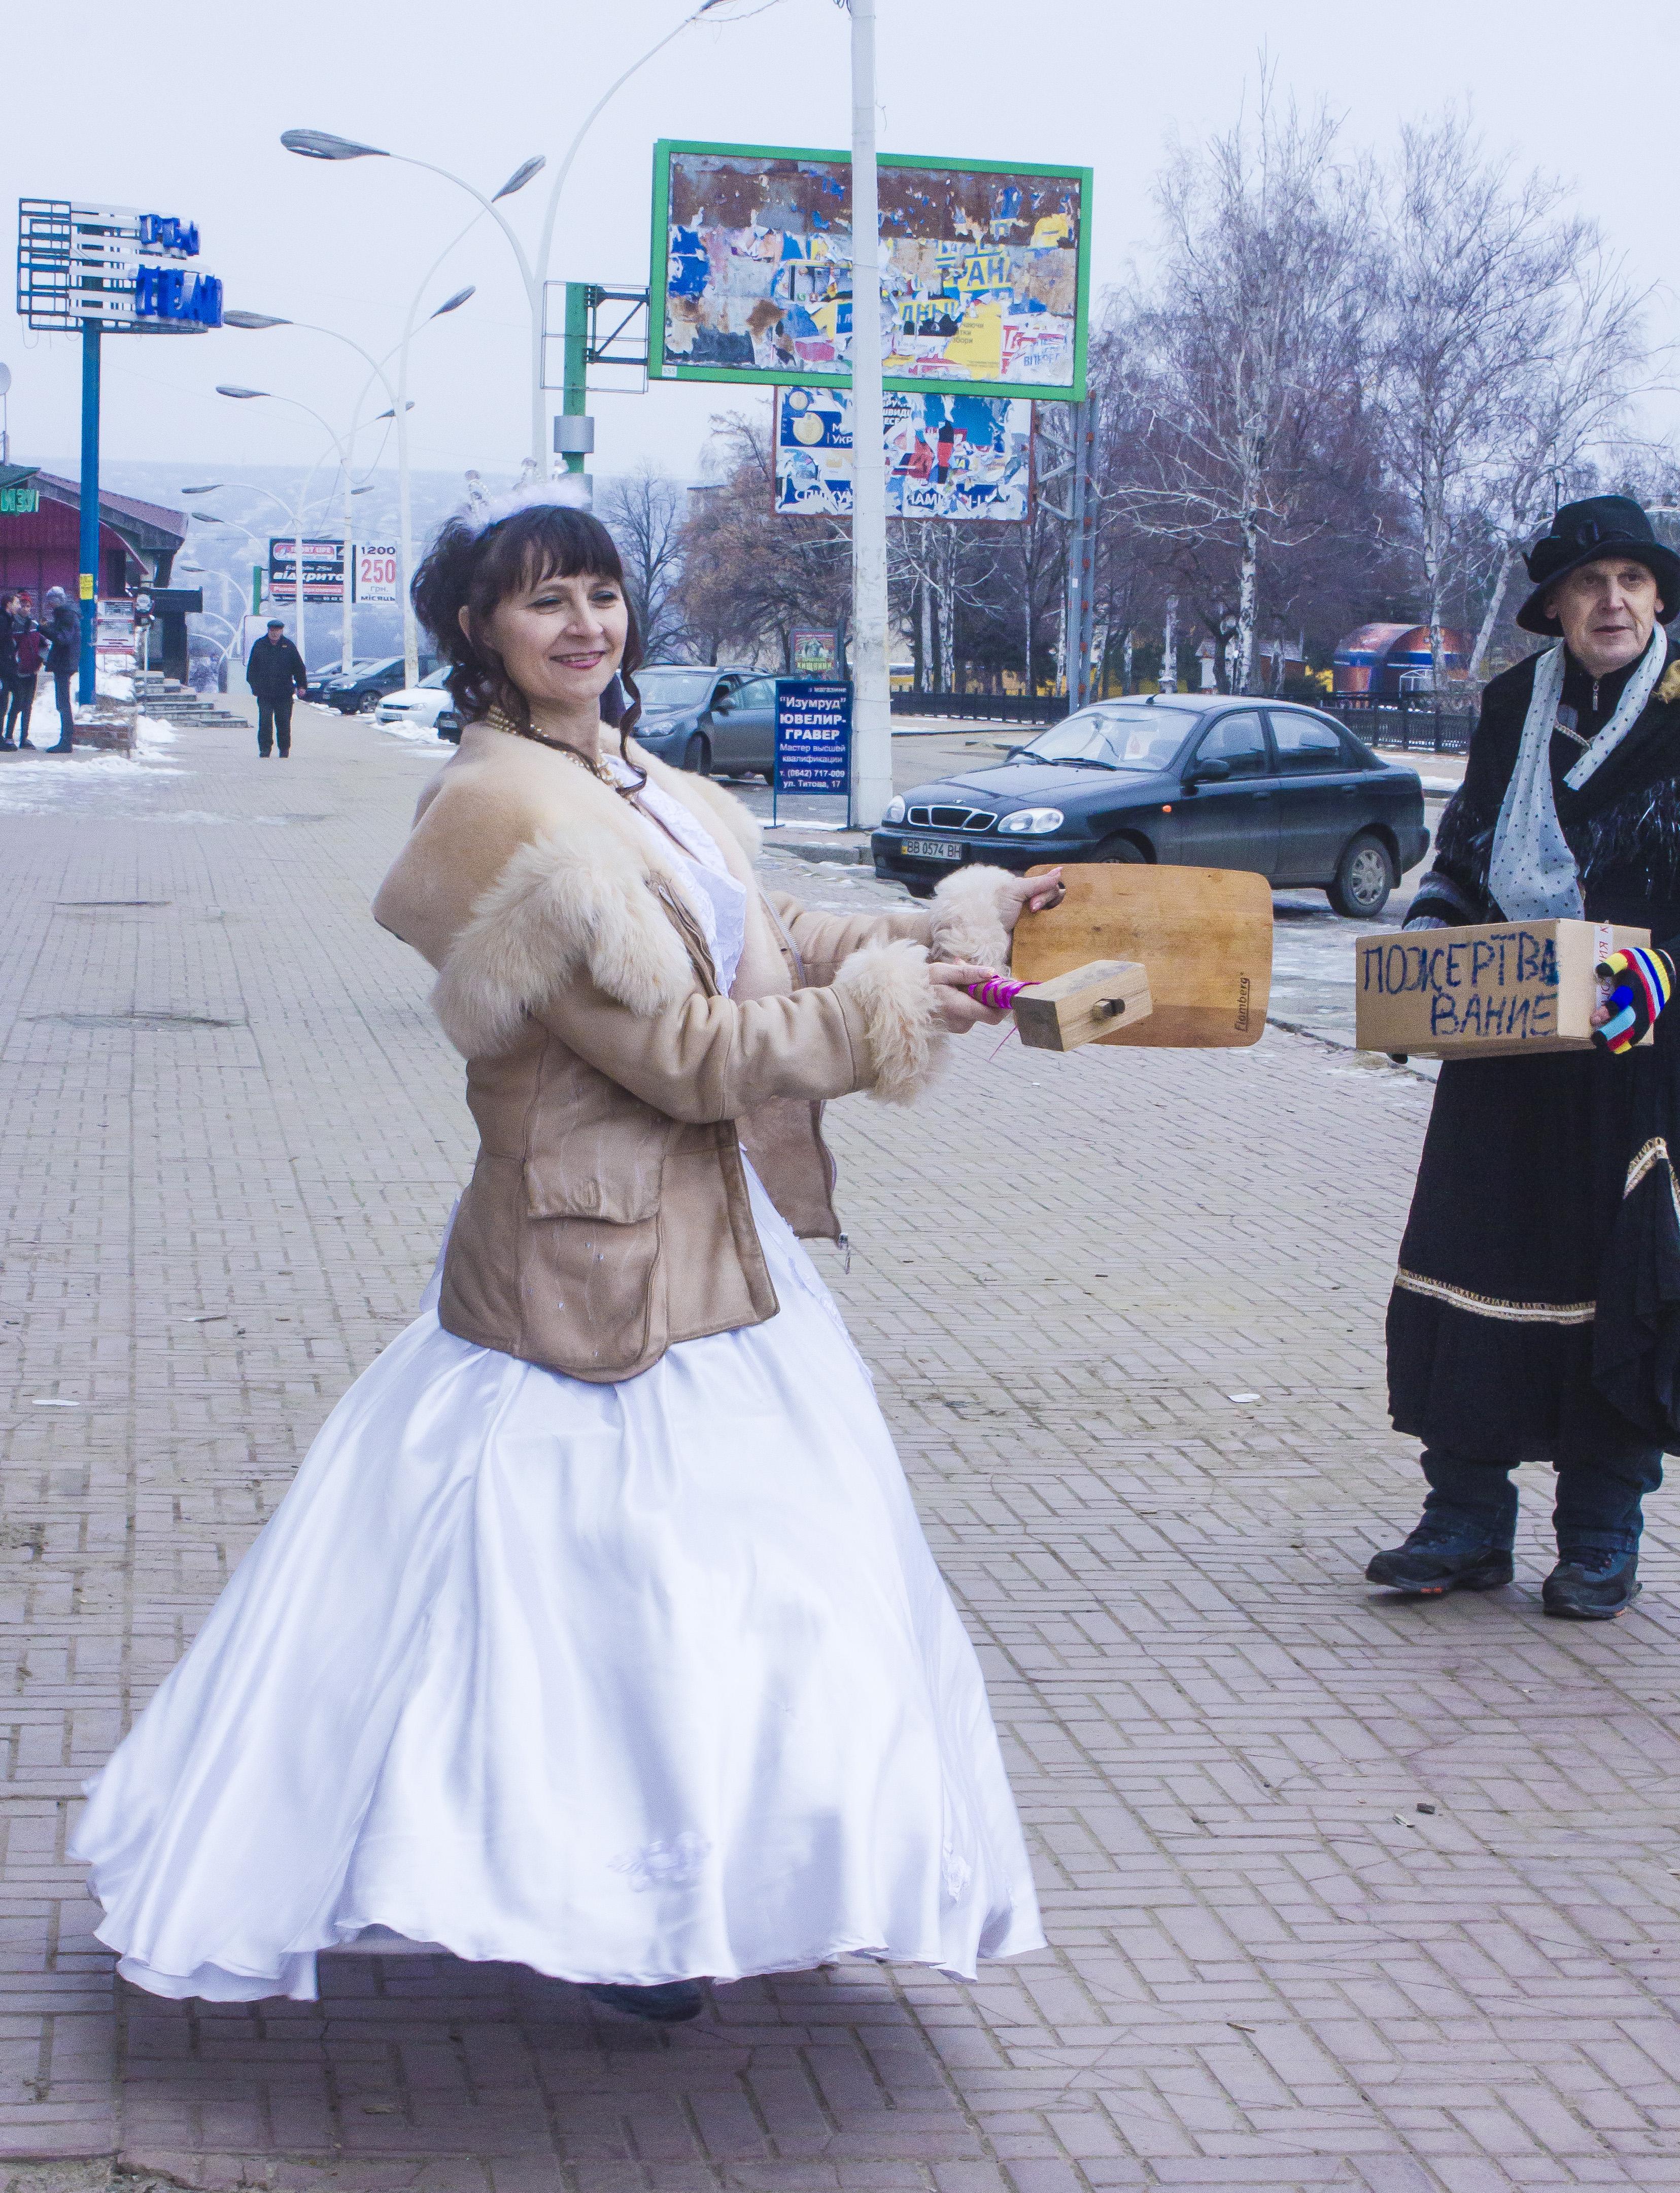 https://img-fotki.yandex.ru/get/15515/36058990.47/0_10a73f_4847cb4a_orig